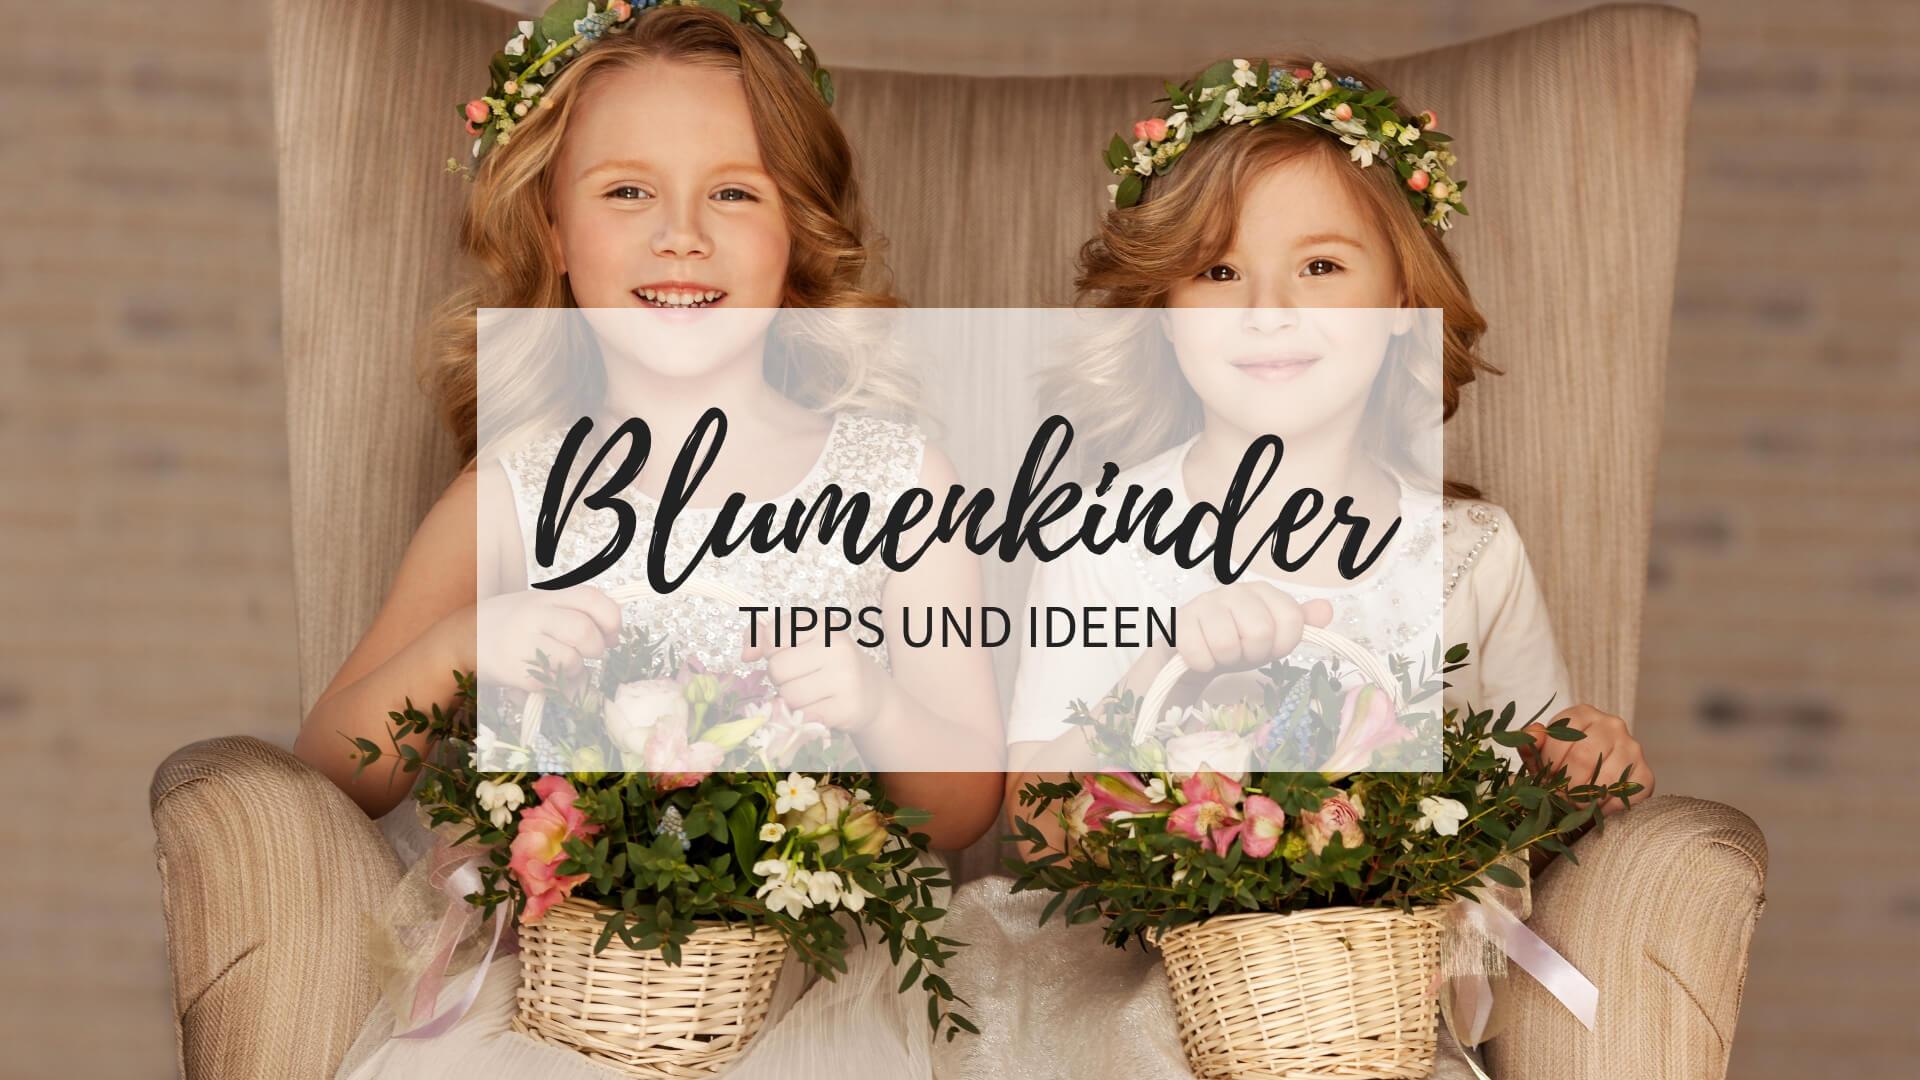 Blumenkinder auf der Hochzeit: Tipps und Ideen - Hochzeitskiste Einfach